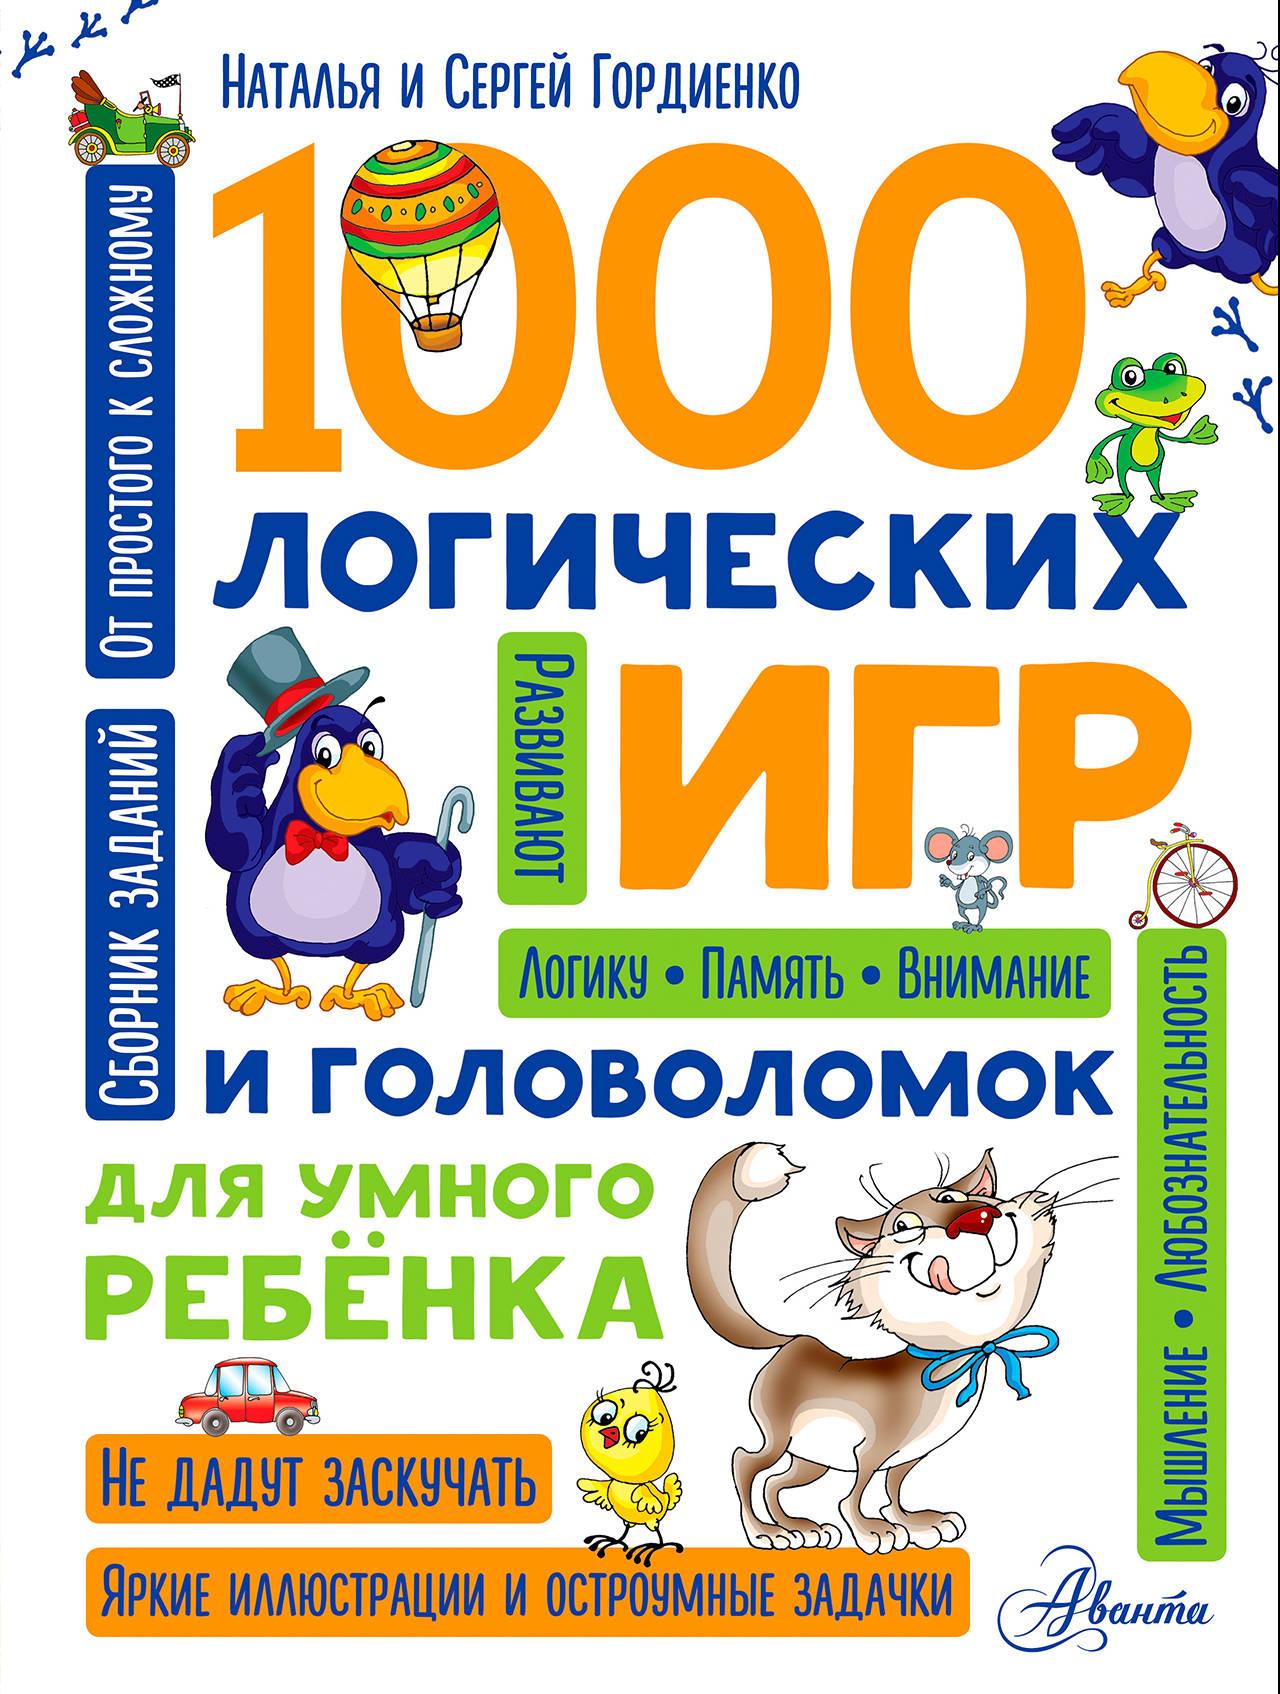 Наталья и Сергей Гордиенко 1000 логических игр и головоломок для умного ребенка